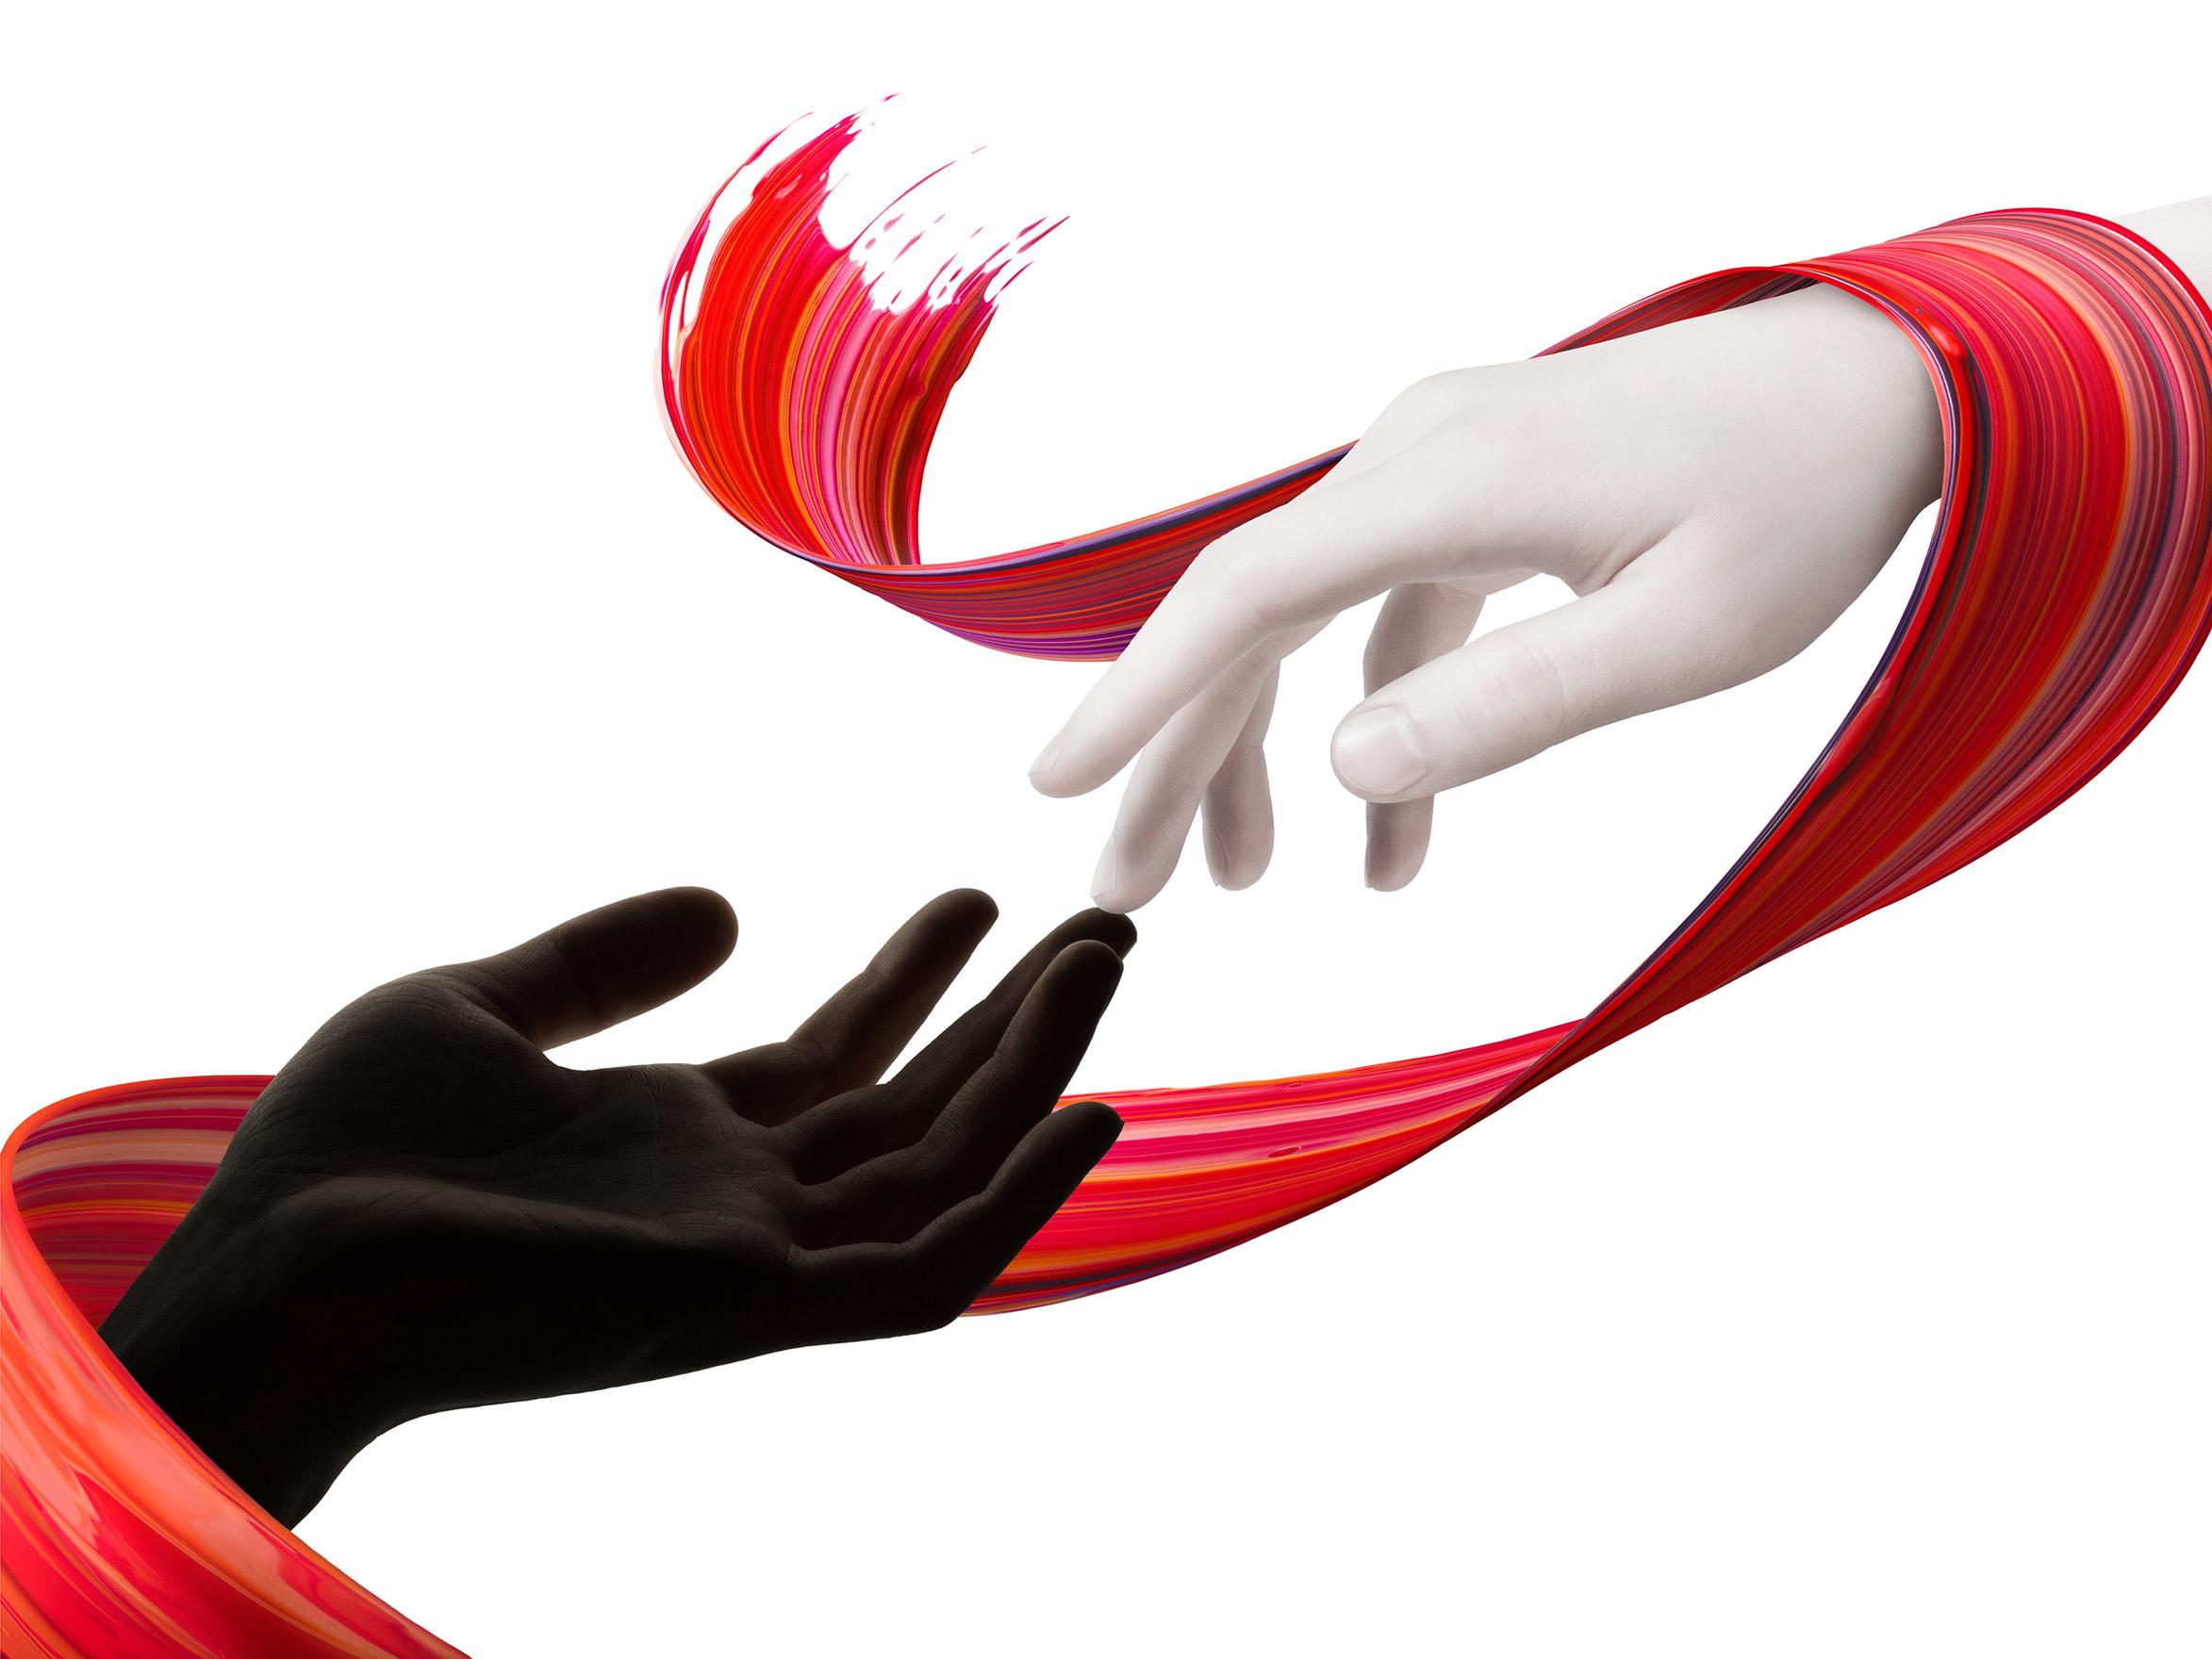 nolbert_intentional_6_touch_n